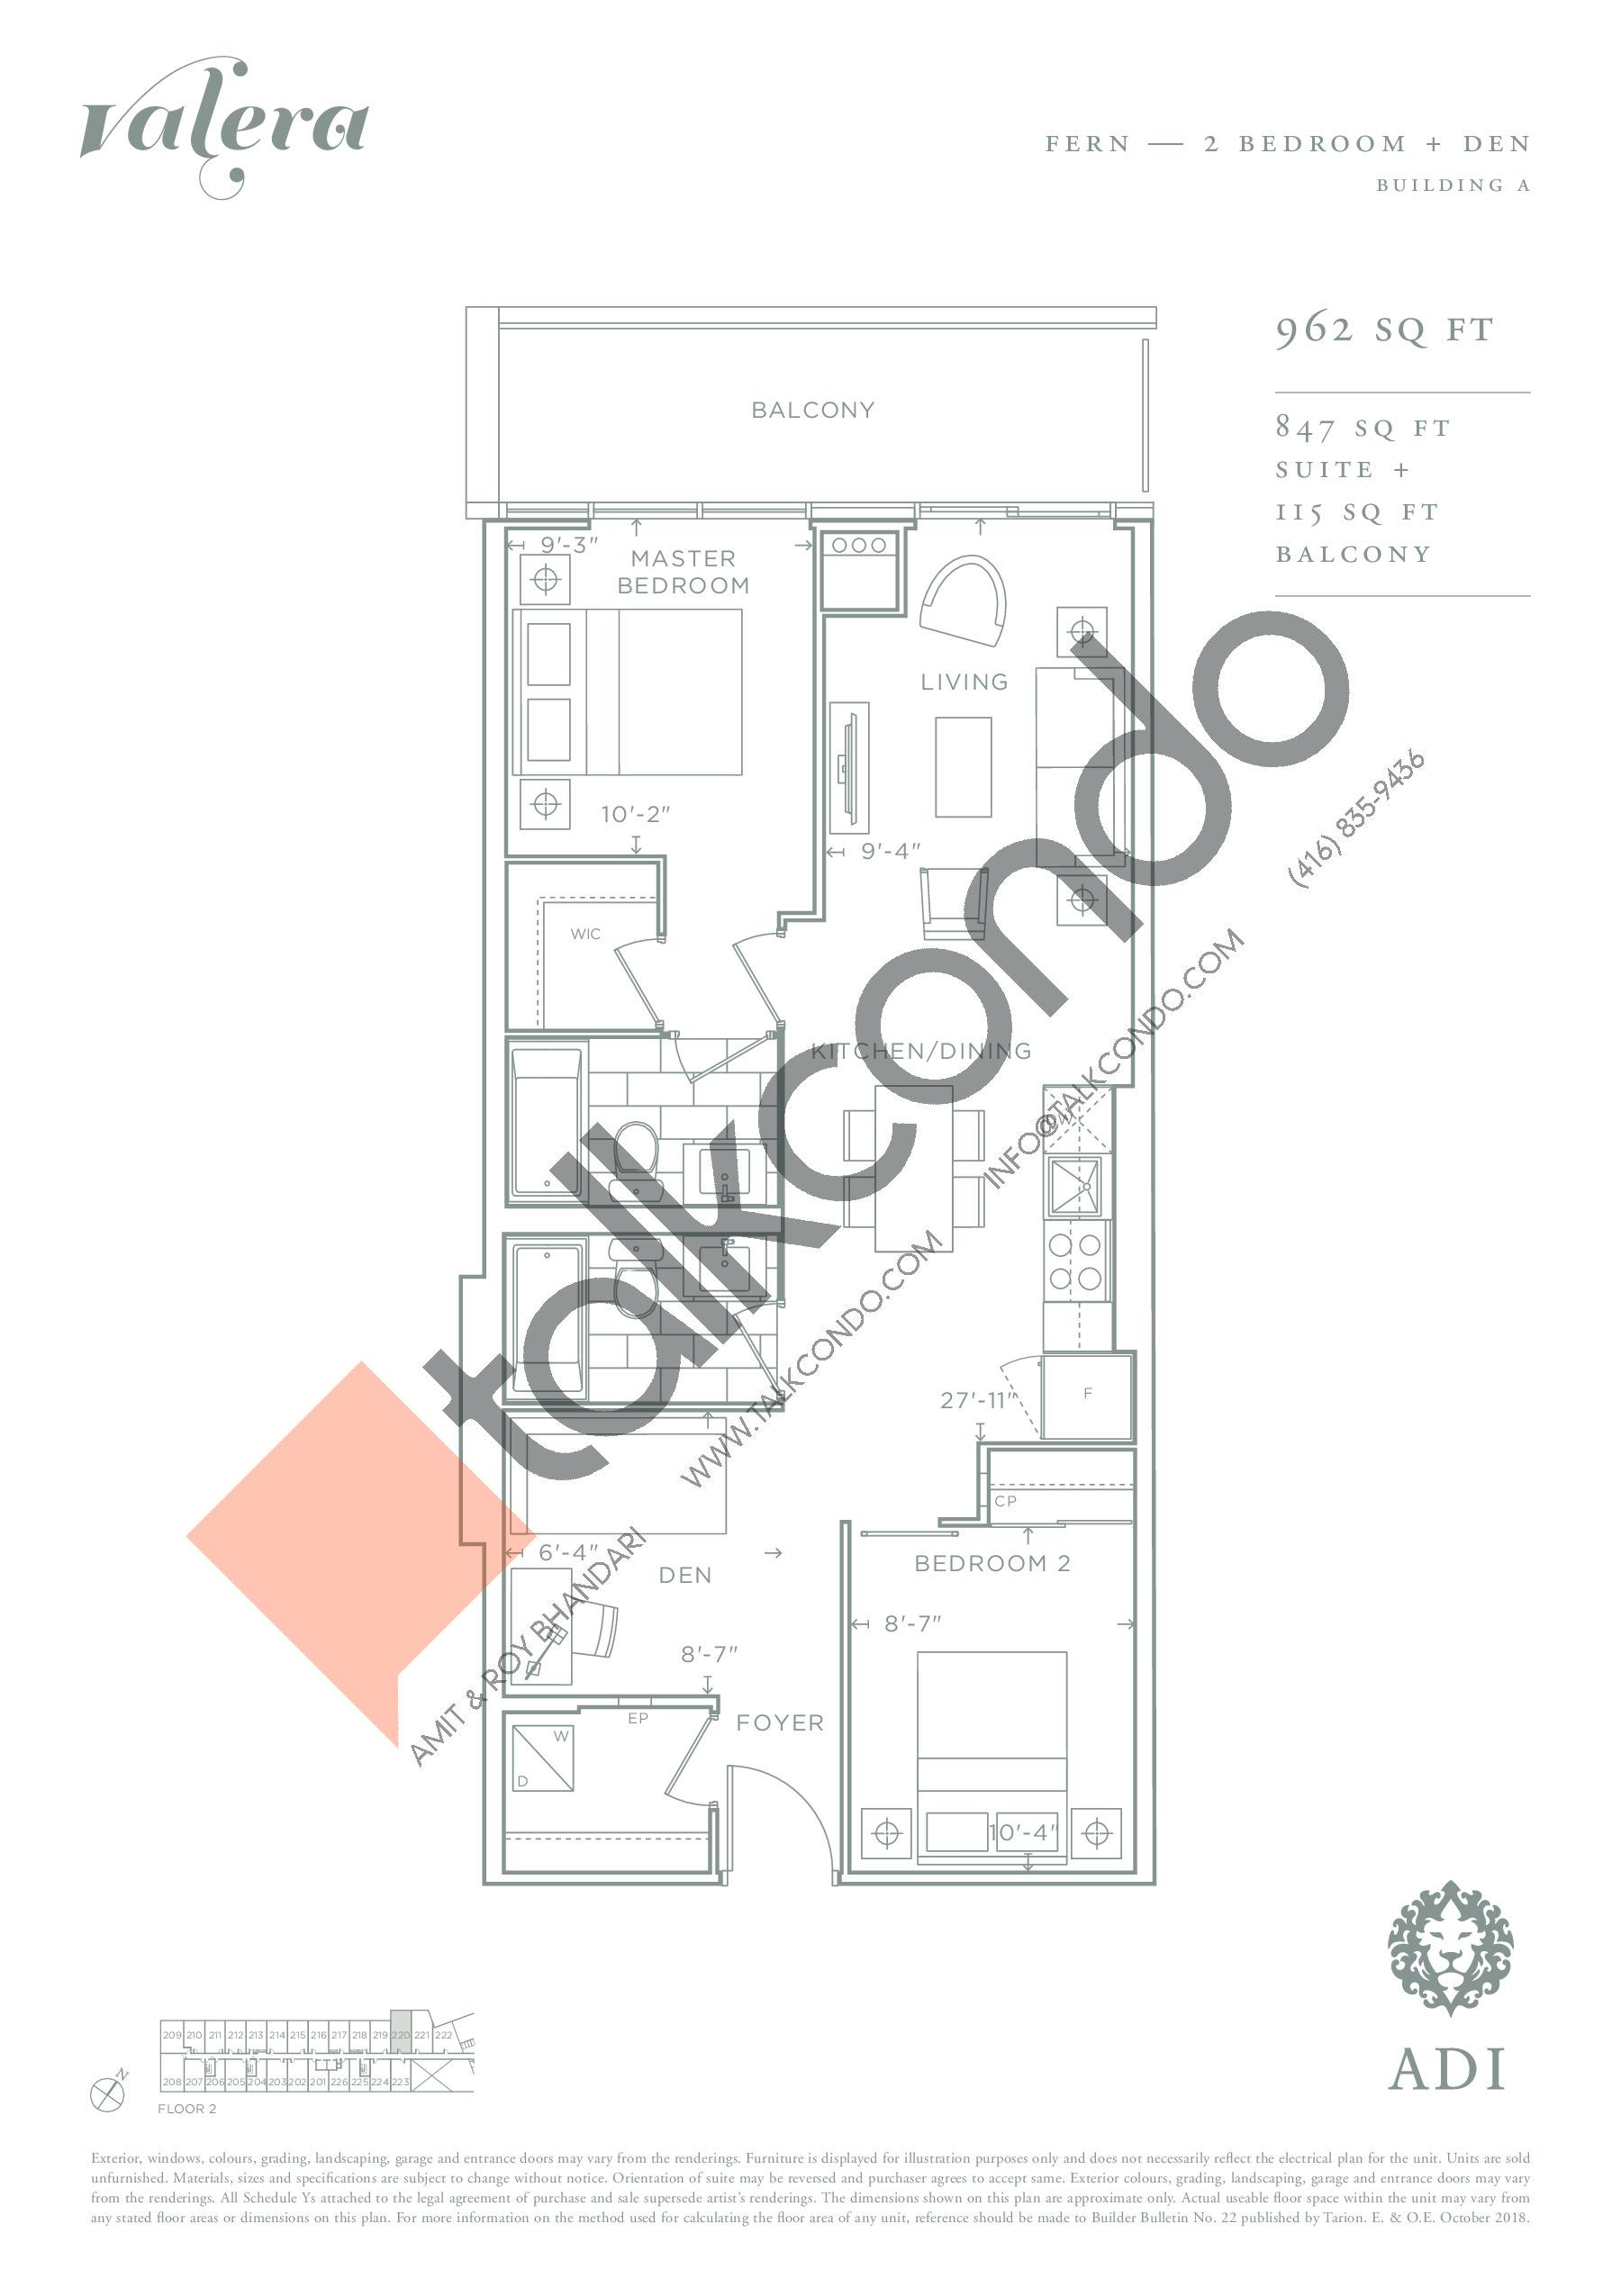 Fern Floor Plan at Valera Condos - 847 sq.ft